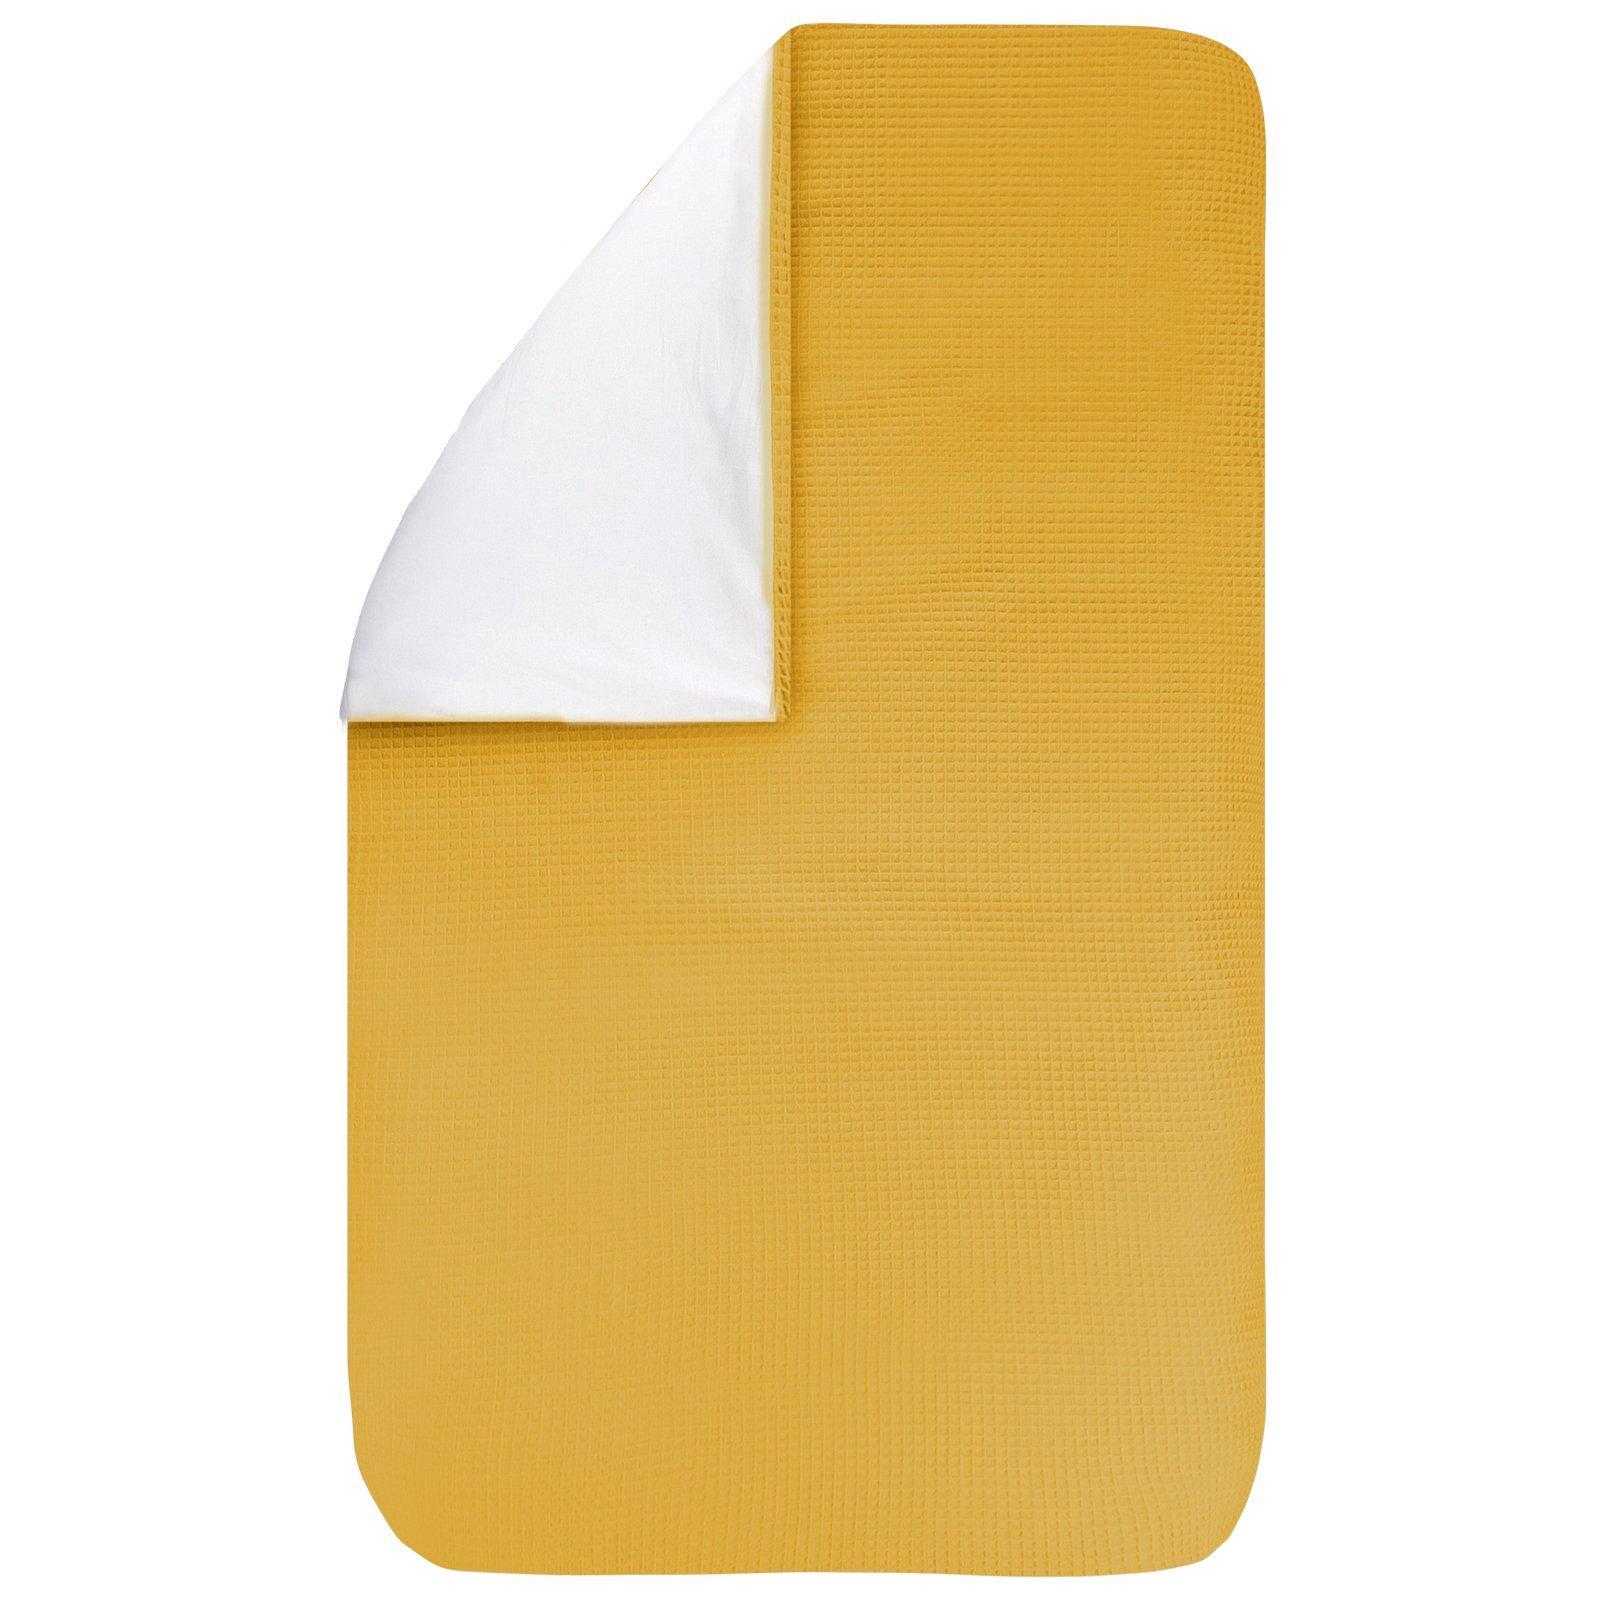 Dekbedovertrek Pique oker 100x135, een fijn dekbedovertrek van zachte okergele wafelkatoen. Goed te combineren met BINK printjes.